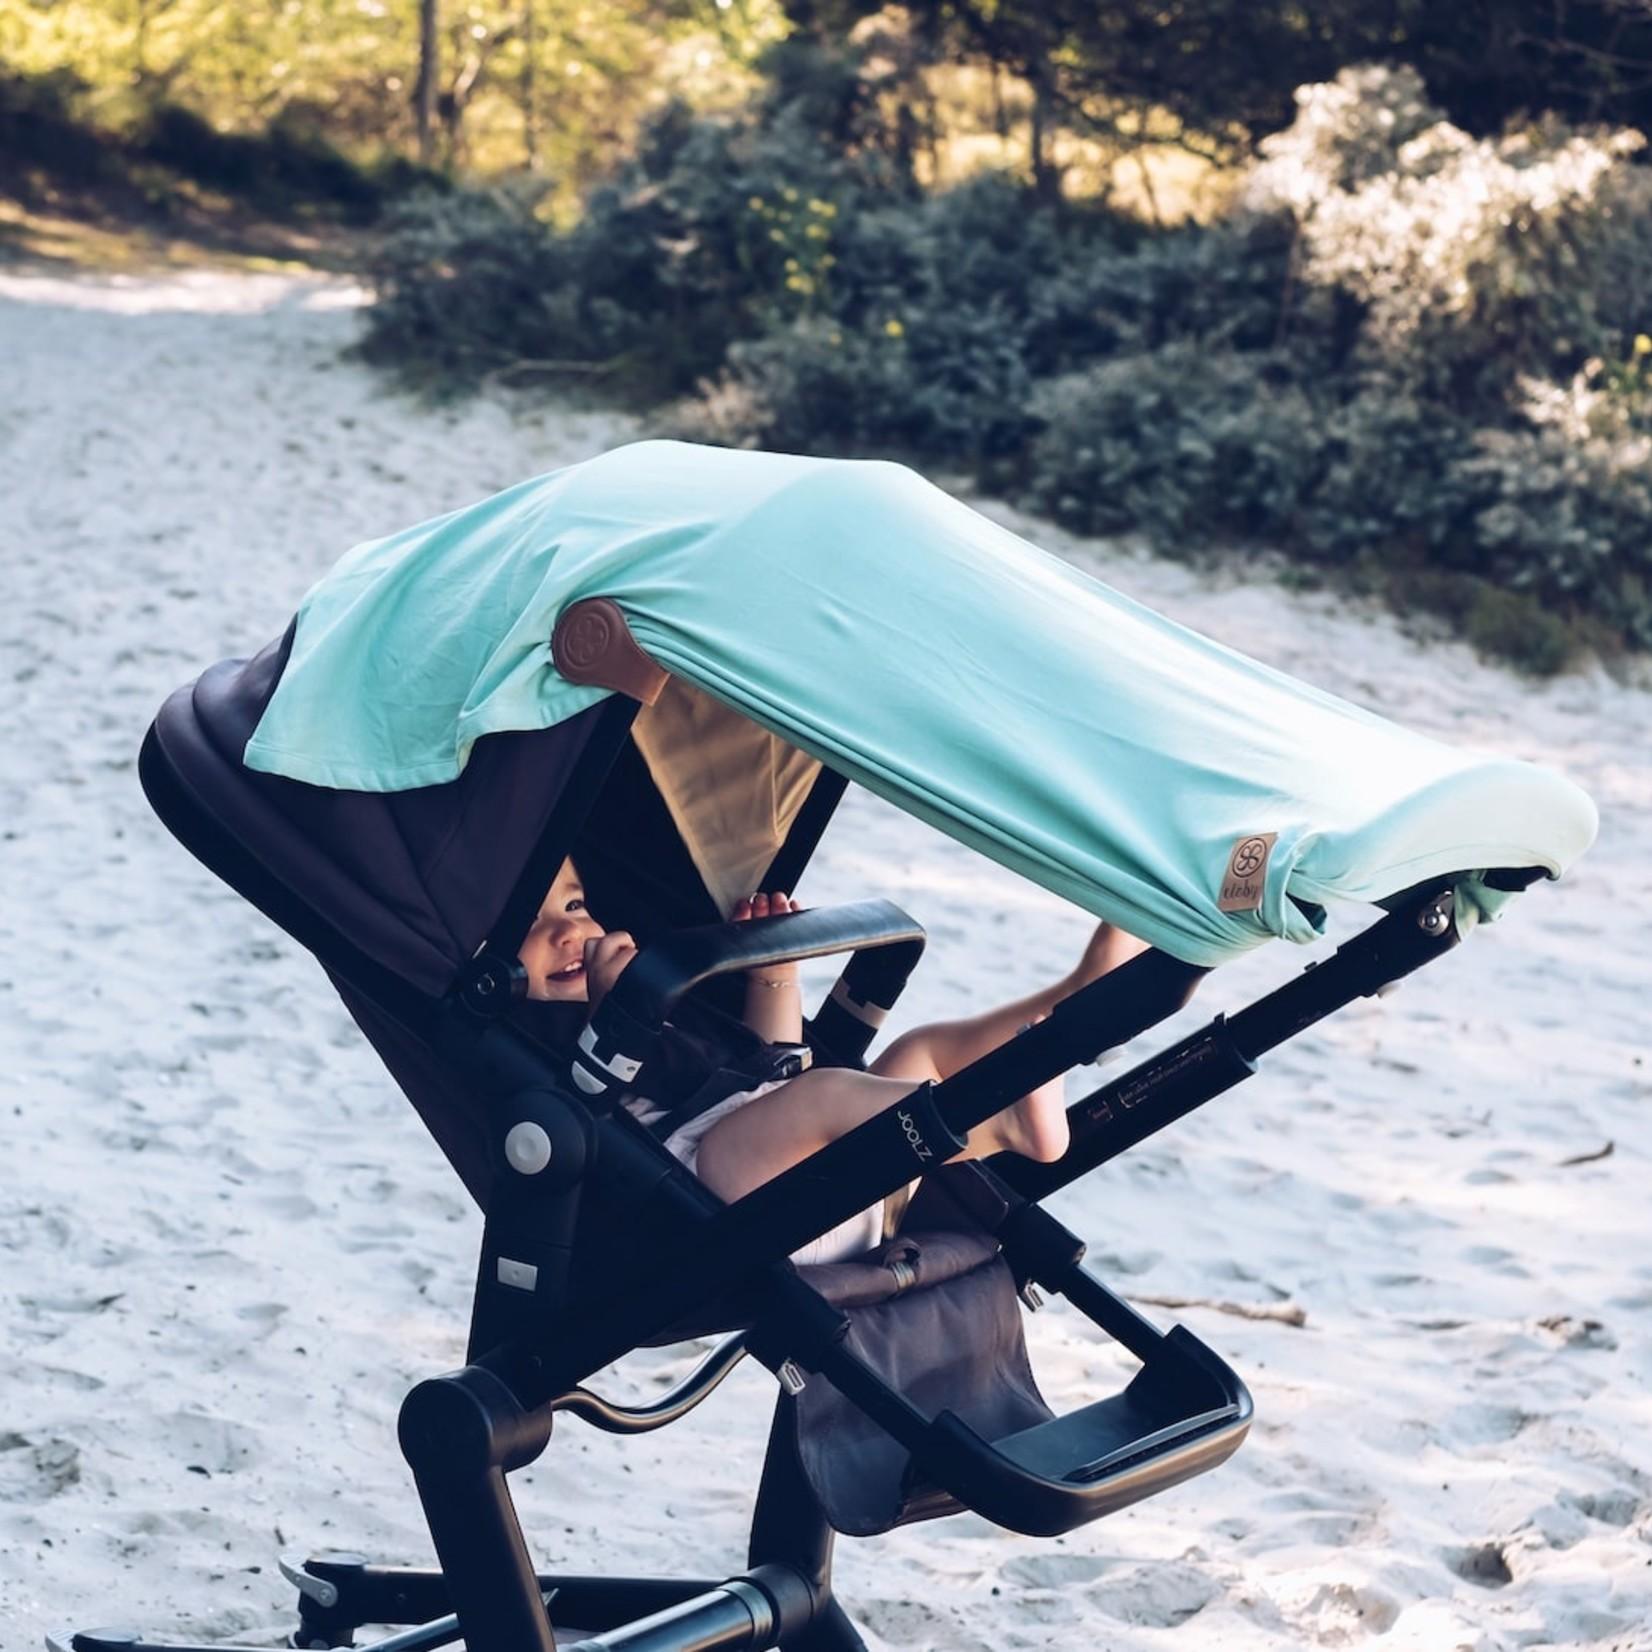 Cloby Cloby Multifunctionele UV zonnedoek/deken UPF50+ Sandy beach